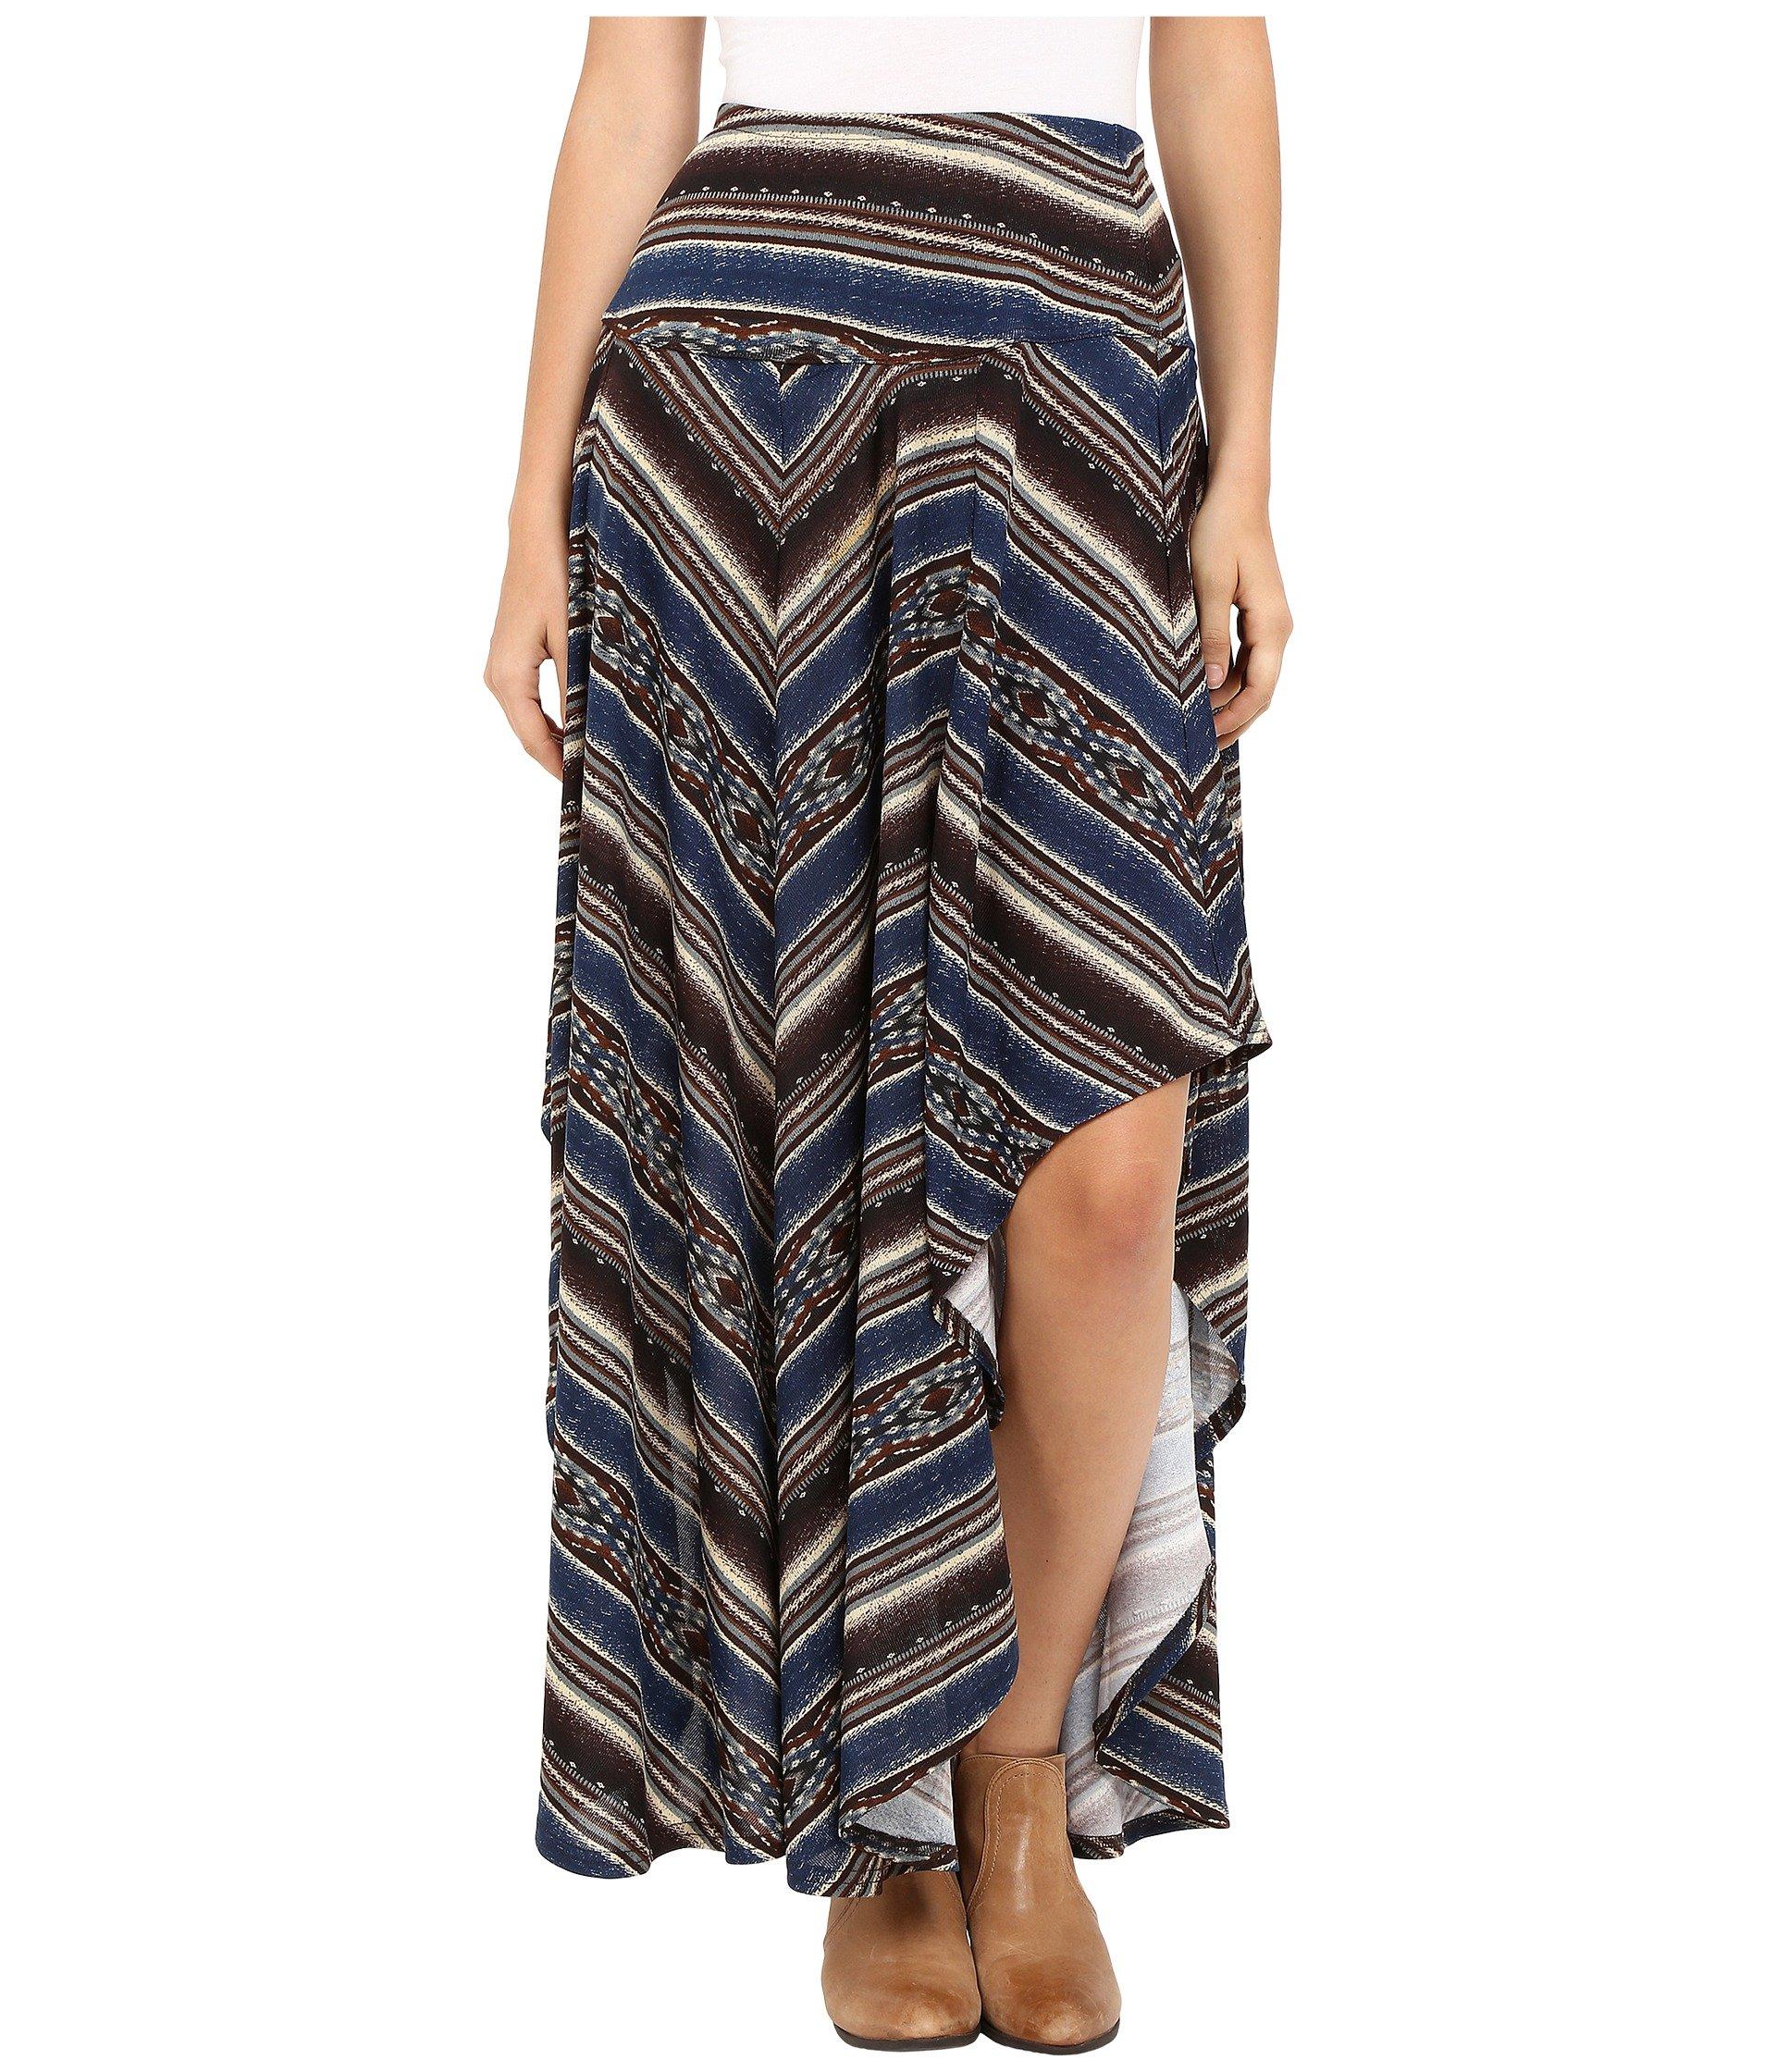 Falda para Mujer Double D Ranchwear Mi Tierra Long Skirt  + Double D Ranchwear en VeoyCompro.net